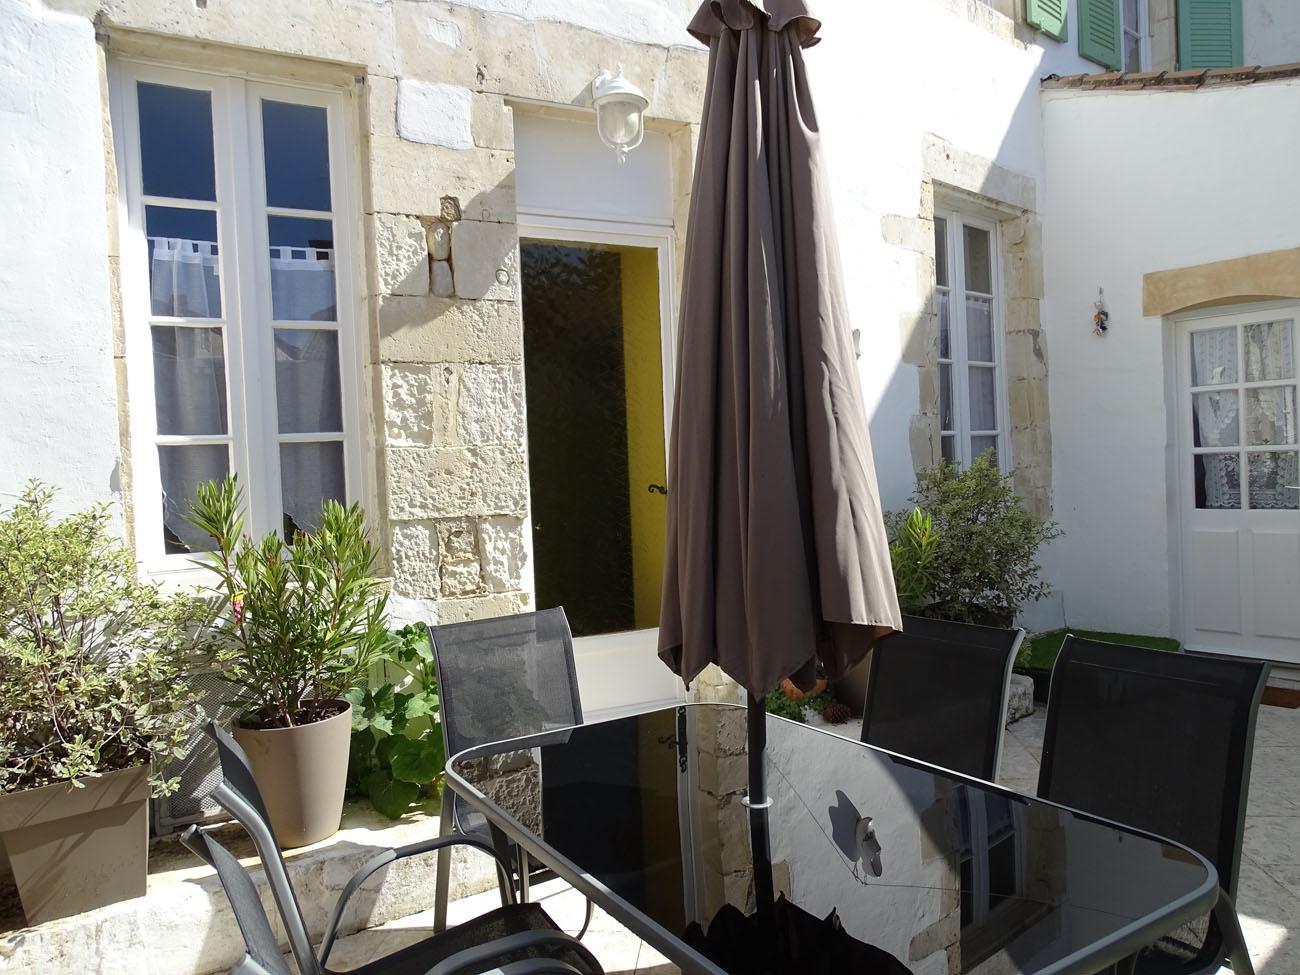 Location Maison Ile de Ré - Santoline - Terrasse